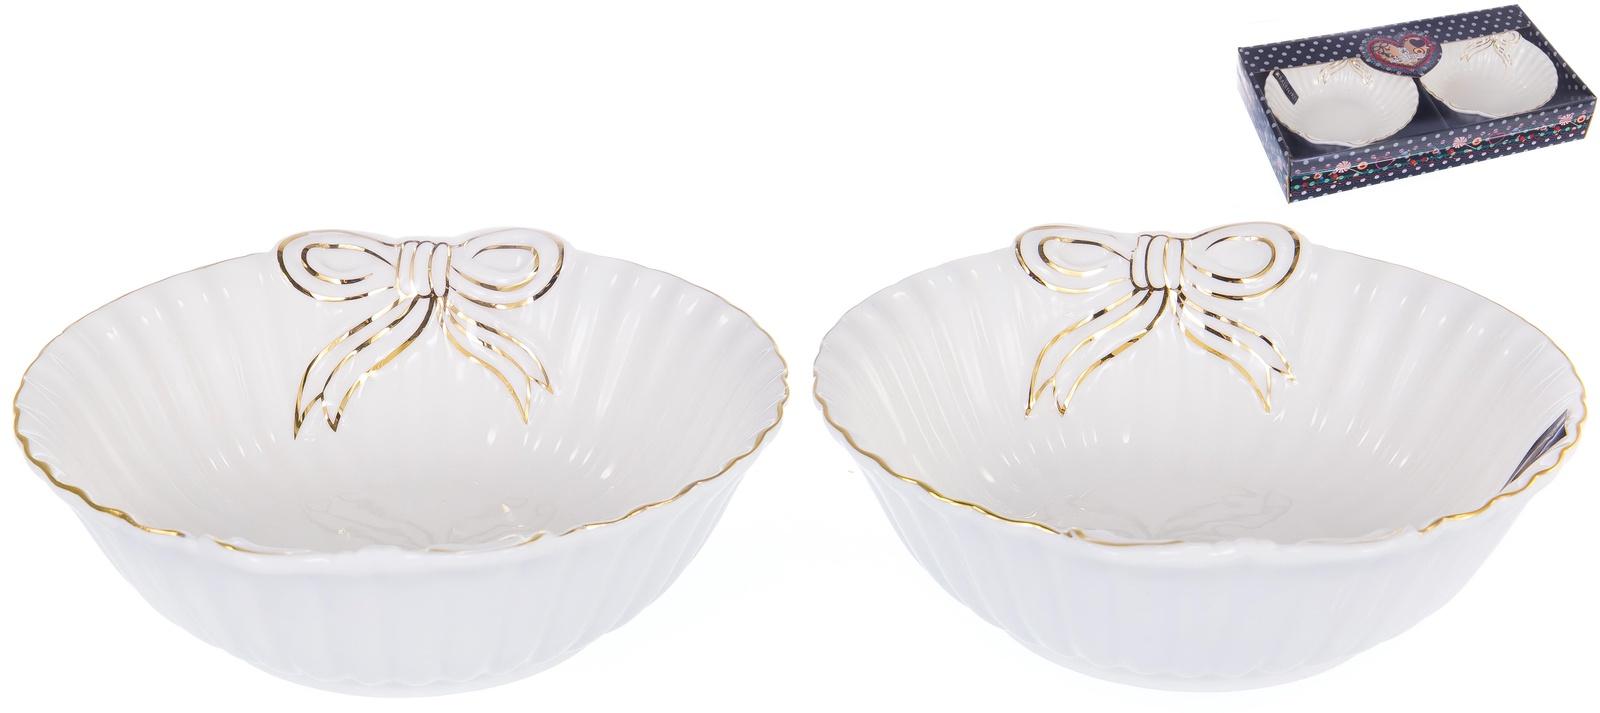 Набор 2 фигурных салатника размером 16см, ГРАЦИЯ, NEW BONE CHINAа NEW BONE CHINA, декор белый с золотом, подарочная упаковка с окном и бантом, ТМ Balsford, 101-01045